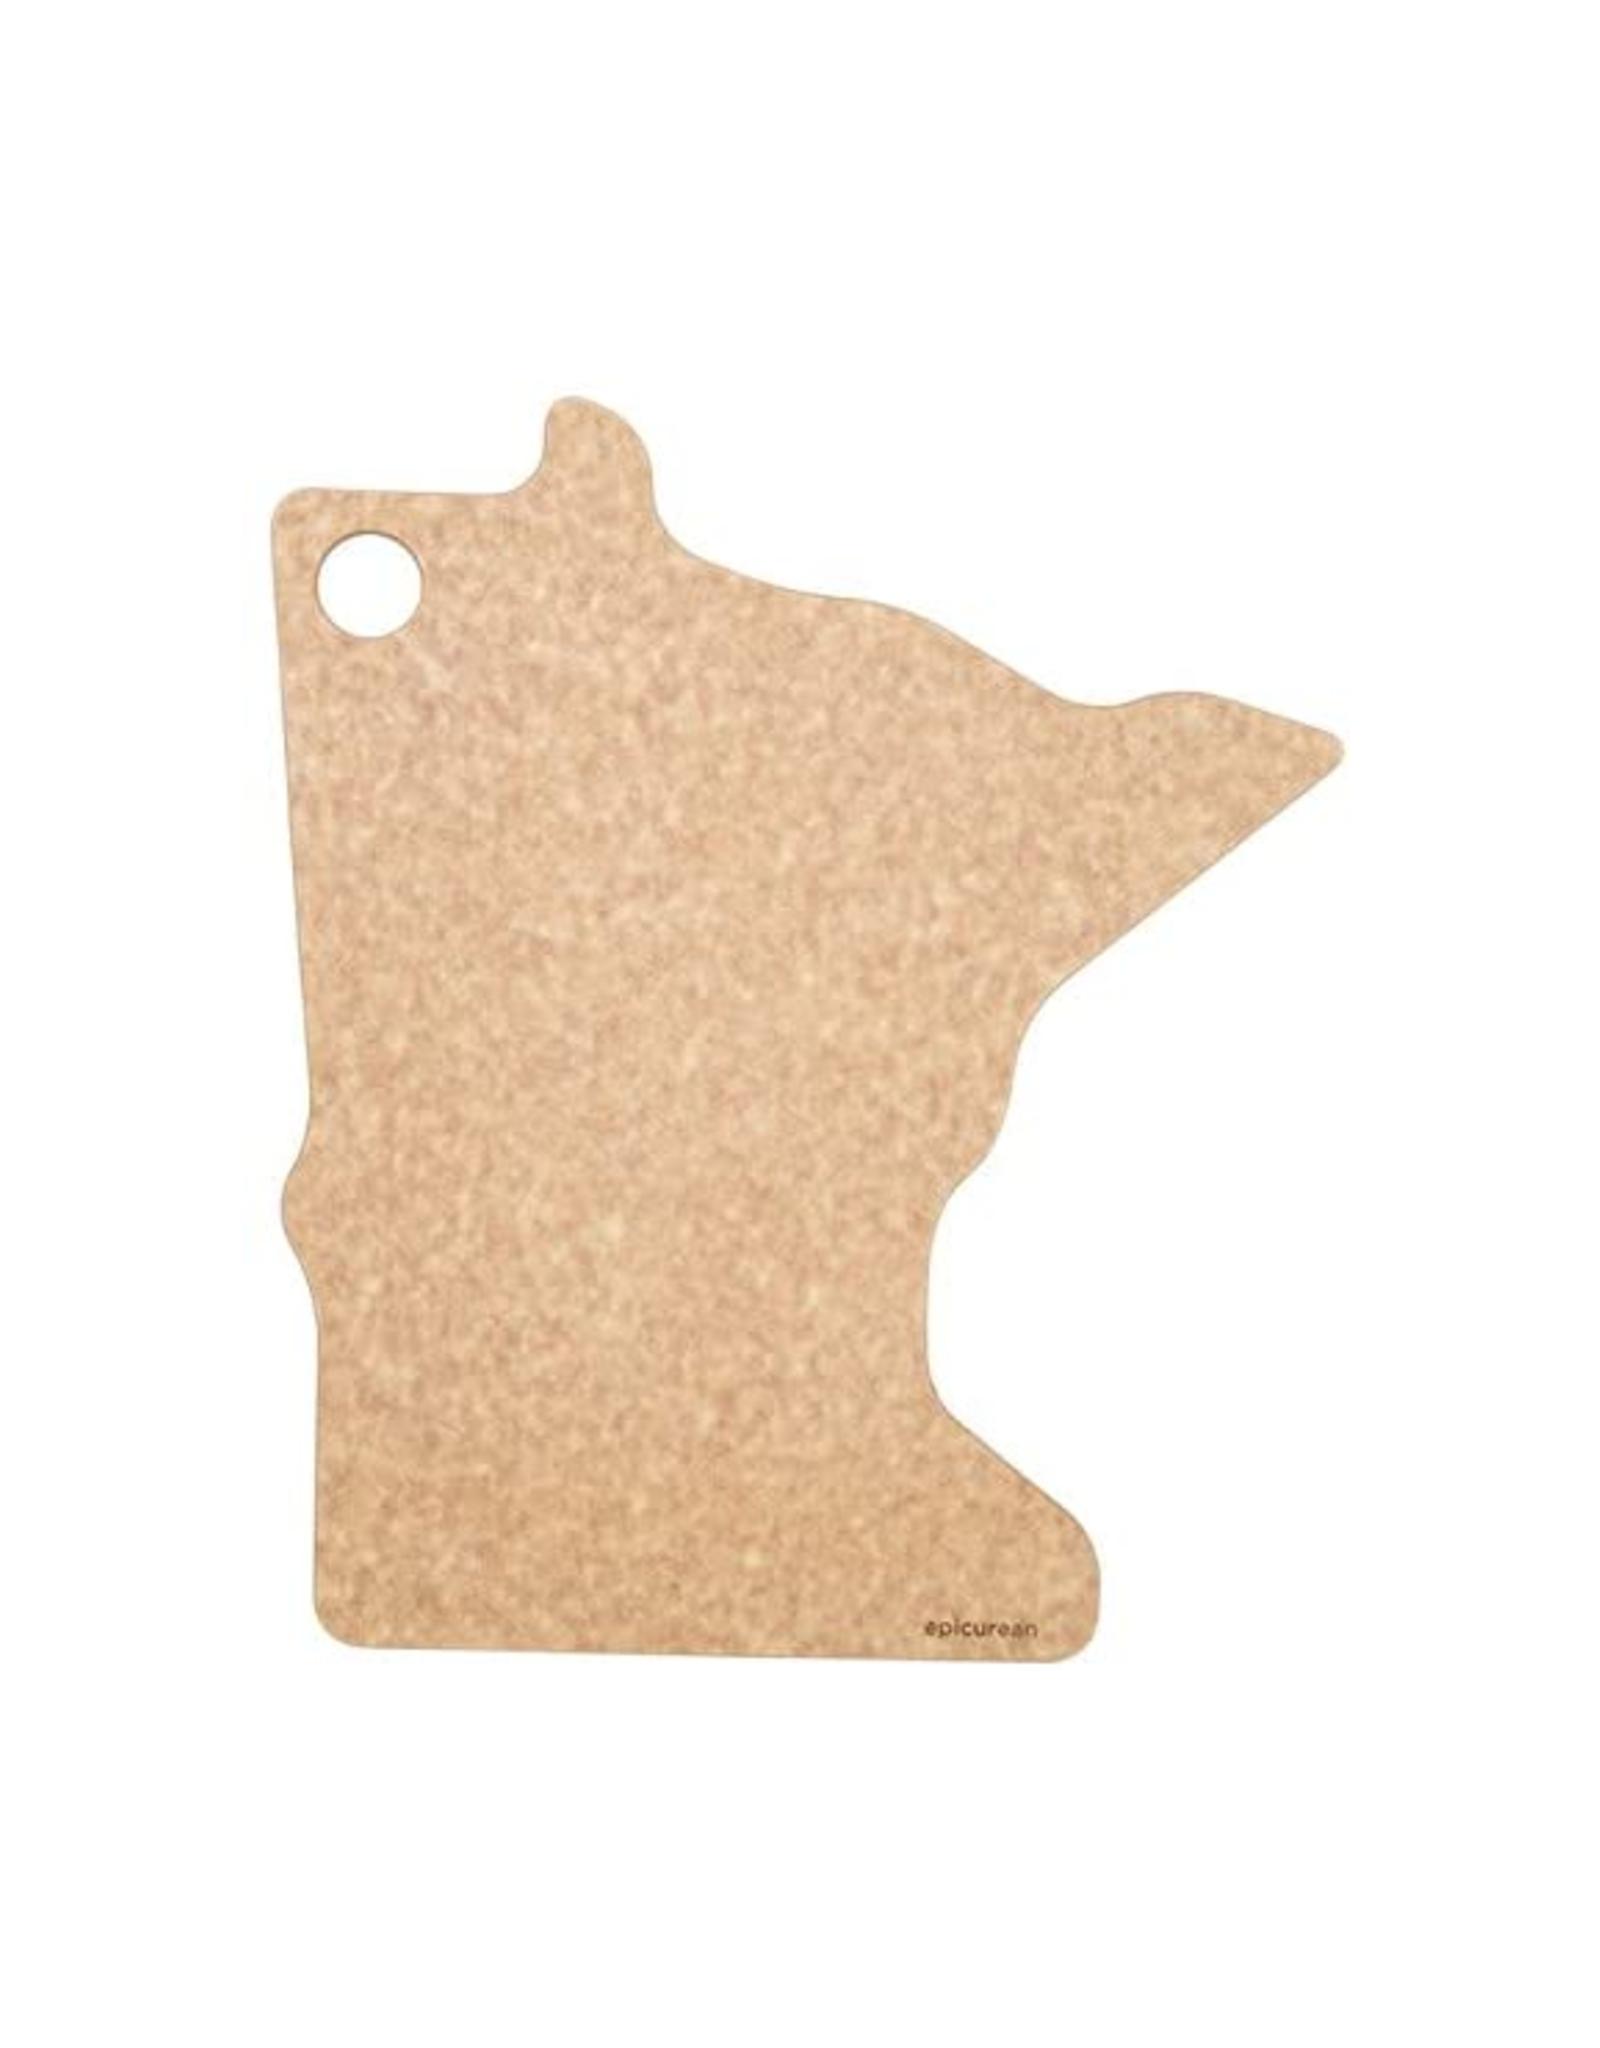 Epicurean Epicurean Minnesota Cutting Board, Natural